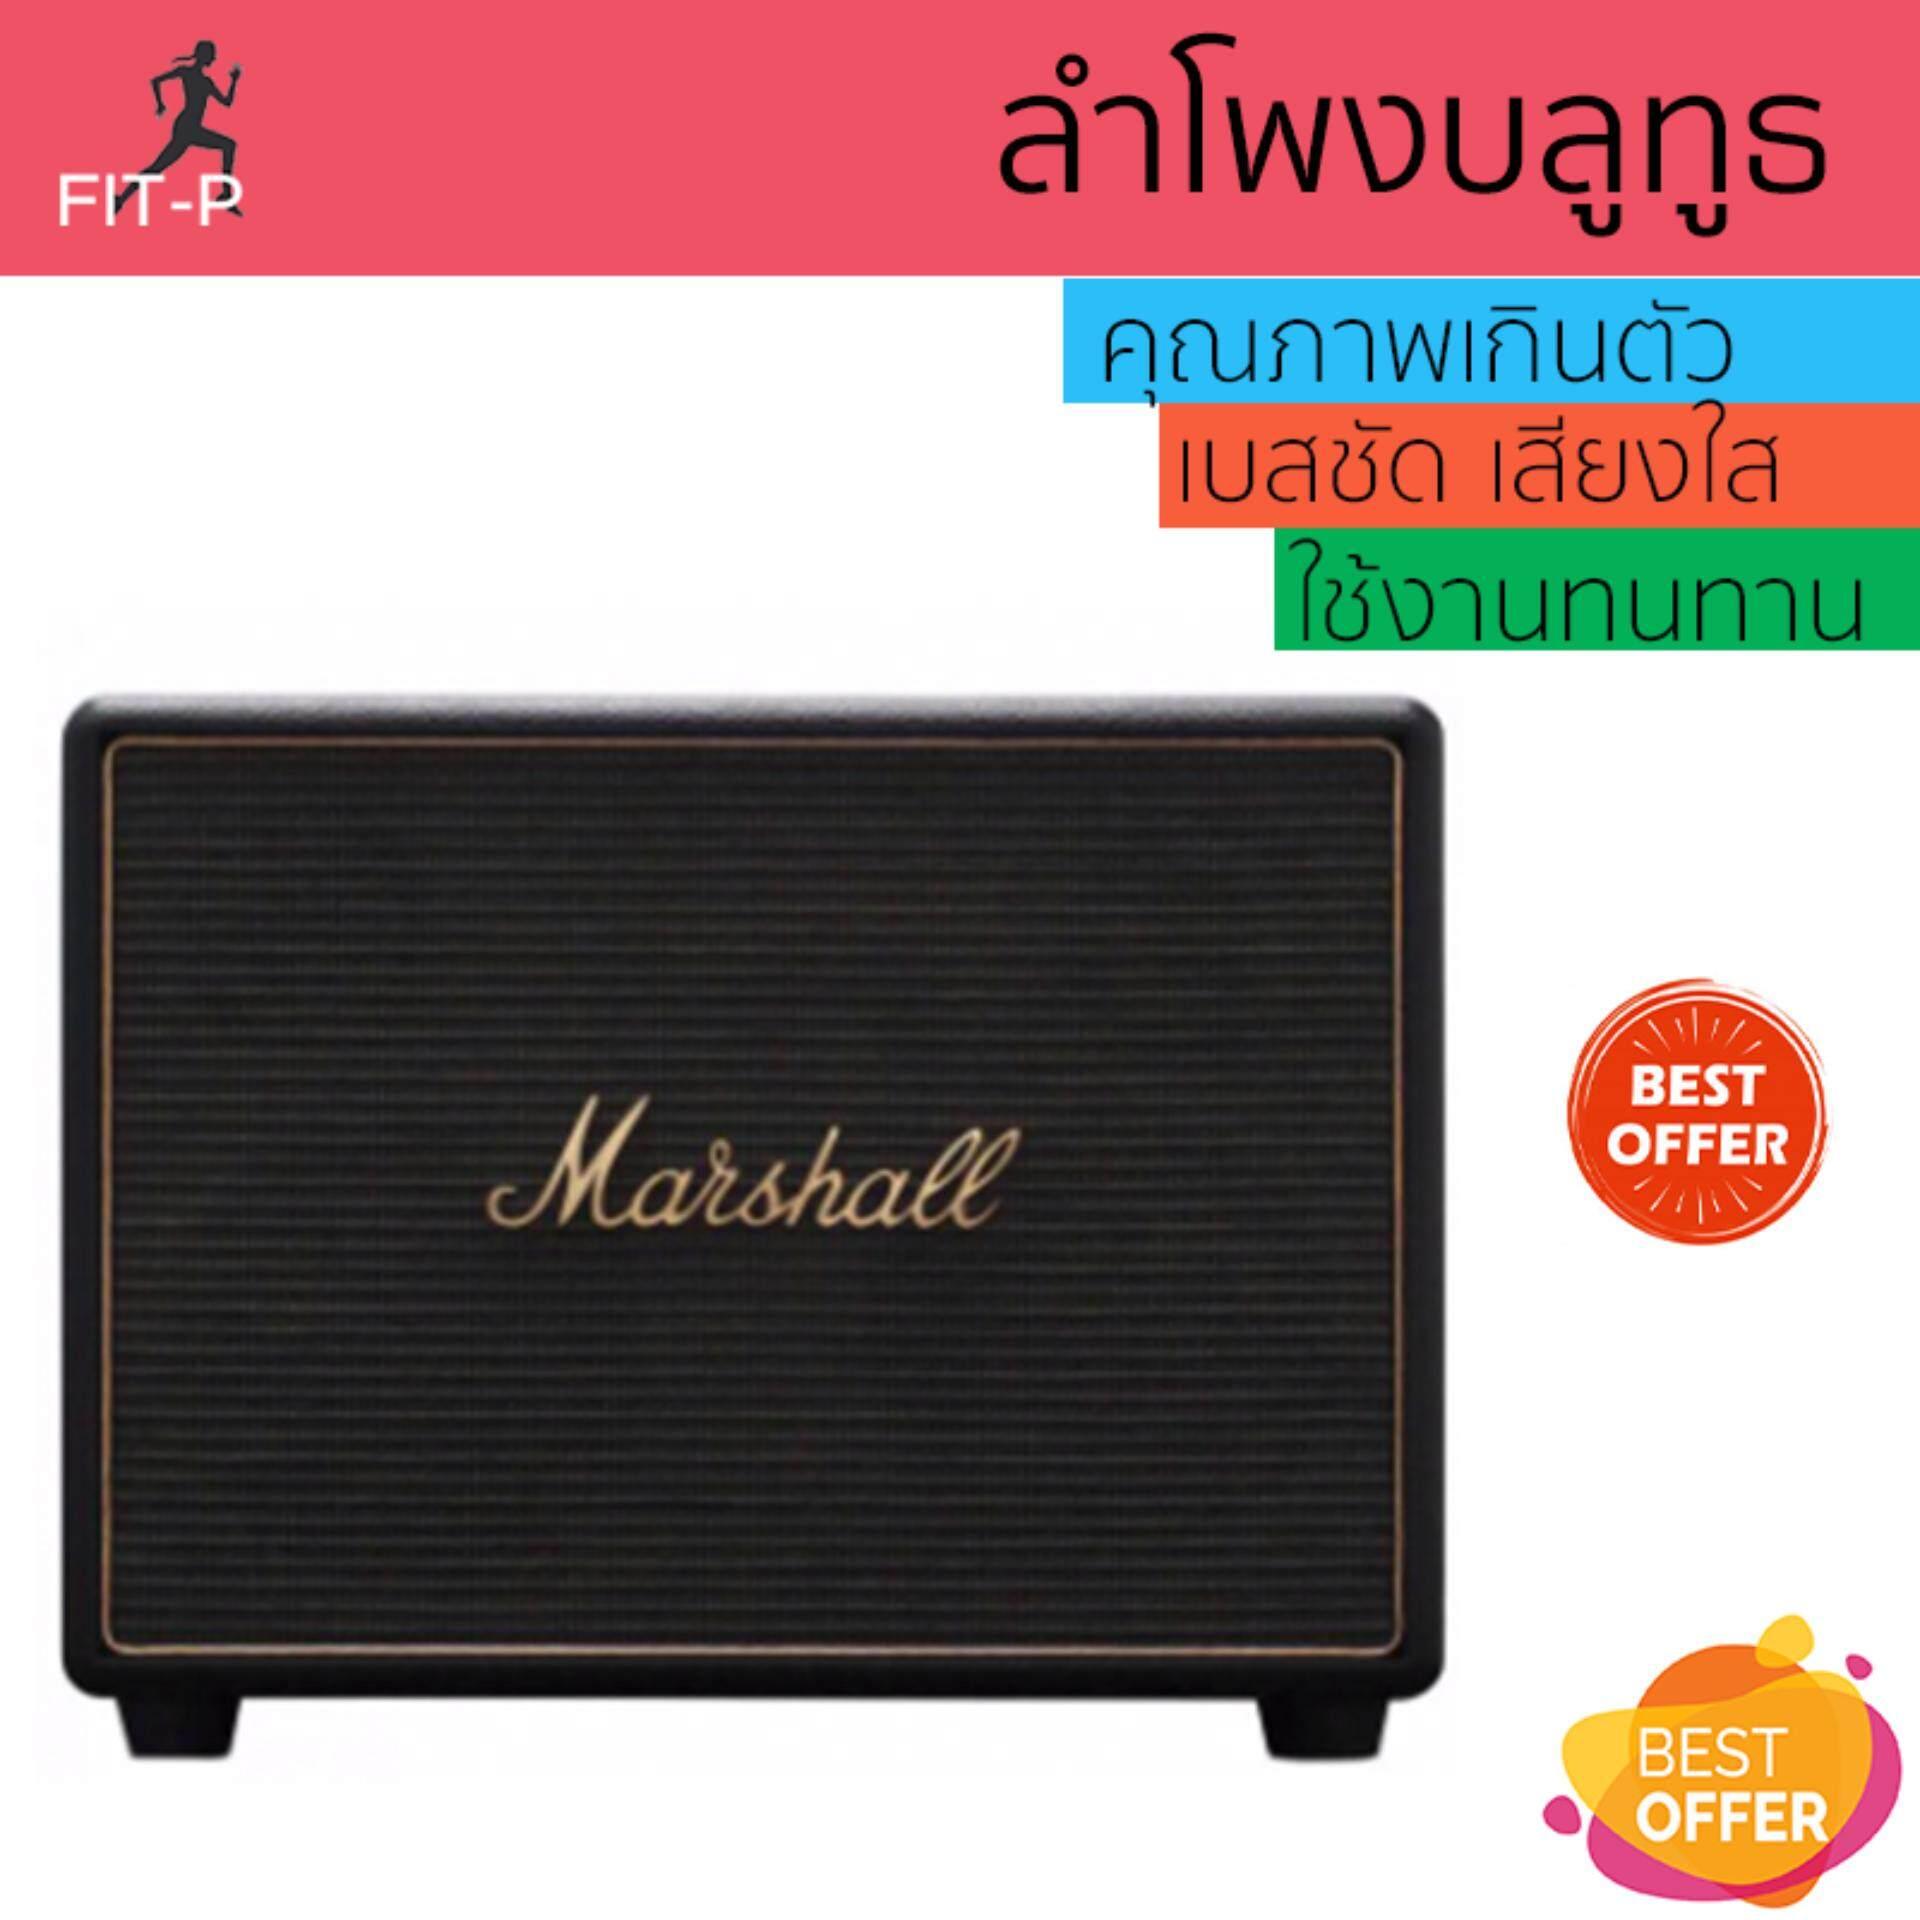 ยี่ห้อนี้ดีไหม  จัดส่งฟรี ลำโพงบลูทูธ  Marshall Bluetooth Speaker 2.1 Woburn Multi-Room Black เสียงใส คุณภาพเกินตัว Wireless Bluetooth Speaker รับประกัน 1 ปี